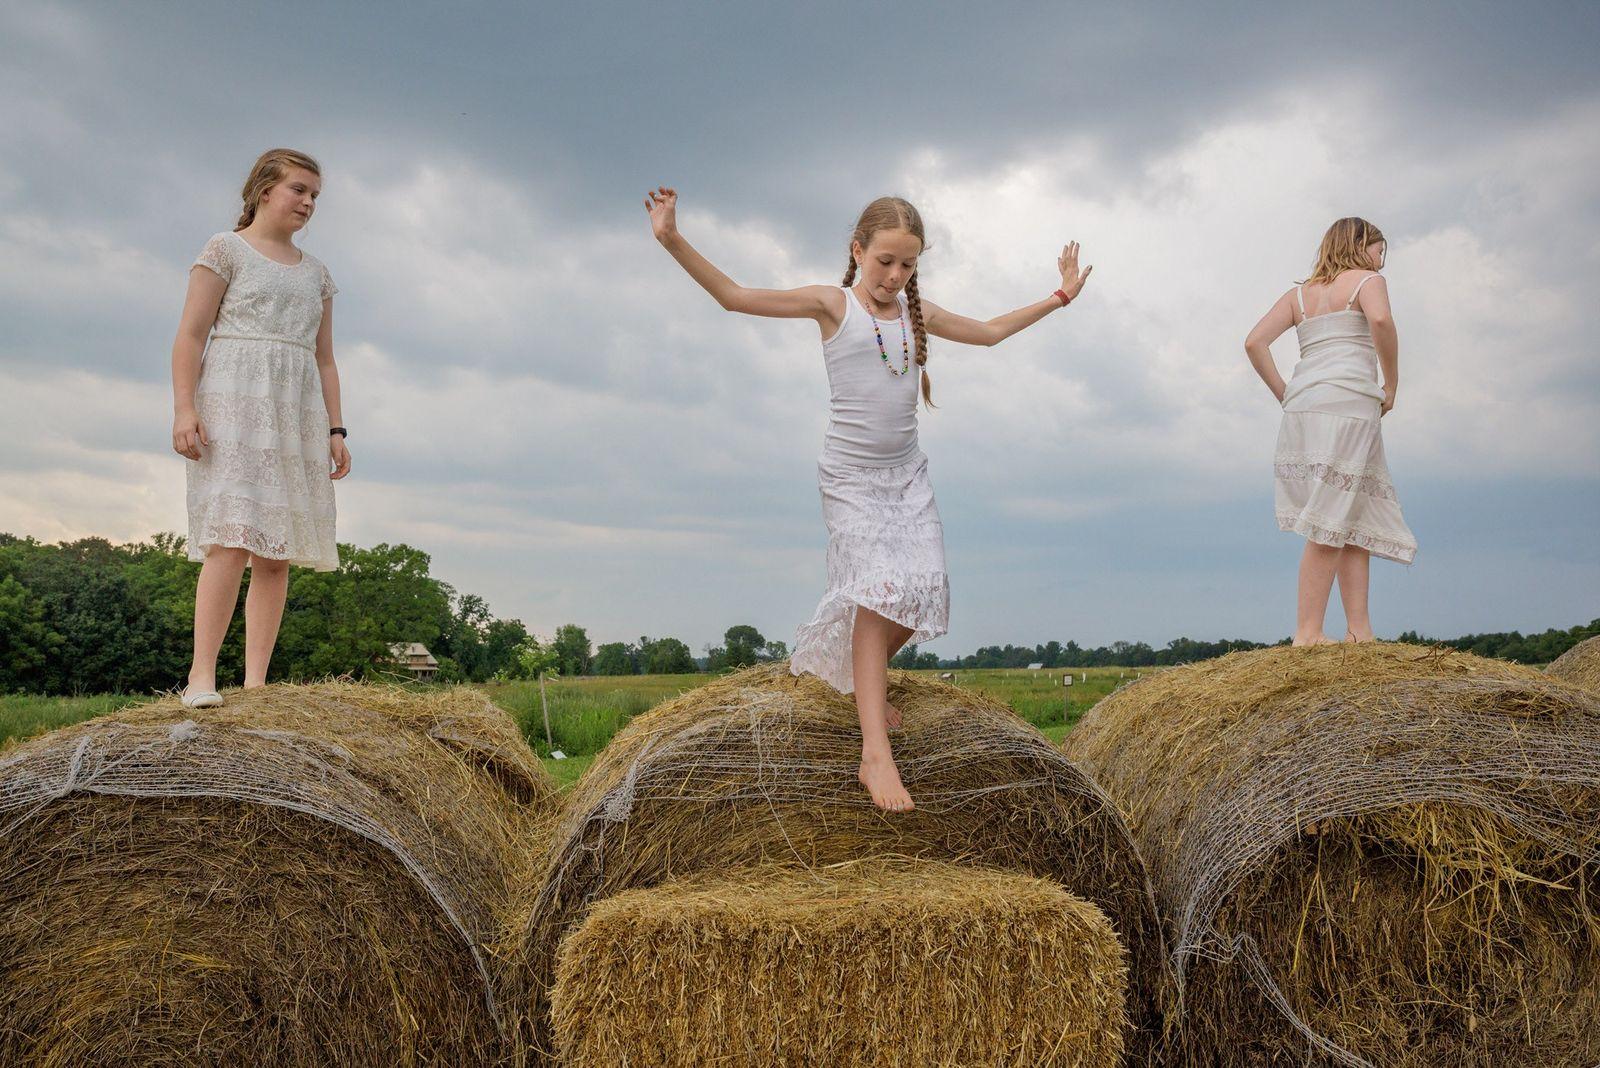 """Auf einer Farm in Kentucky spielen Emma Langley (13), Camille McCay (10) und """"Emerald"""" Shean (10) ..."""